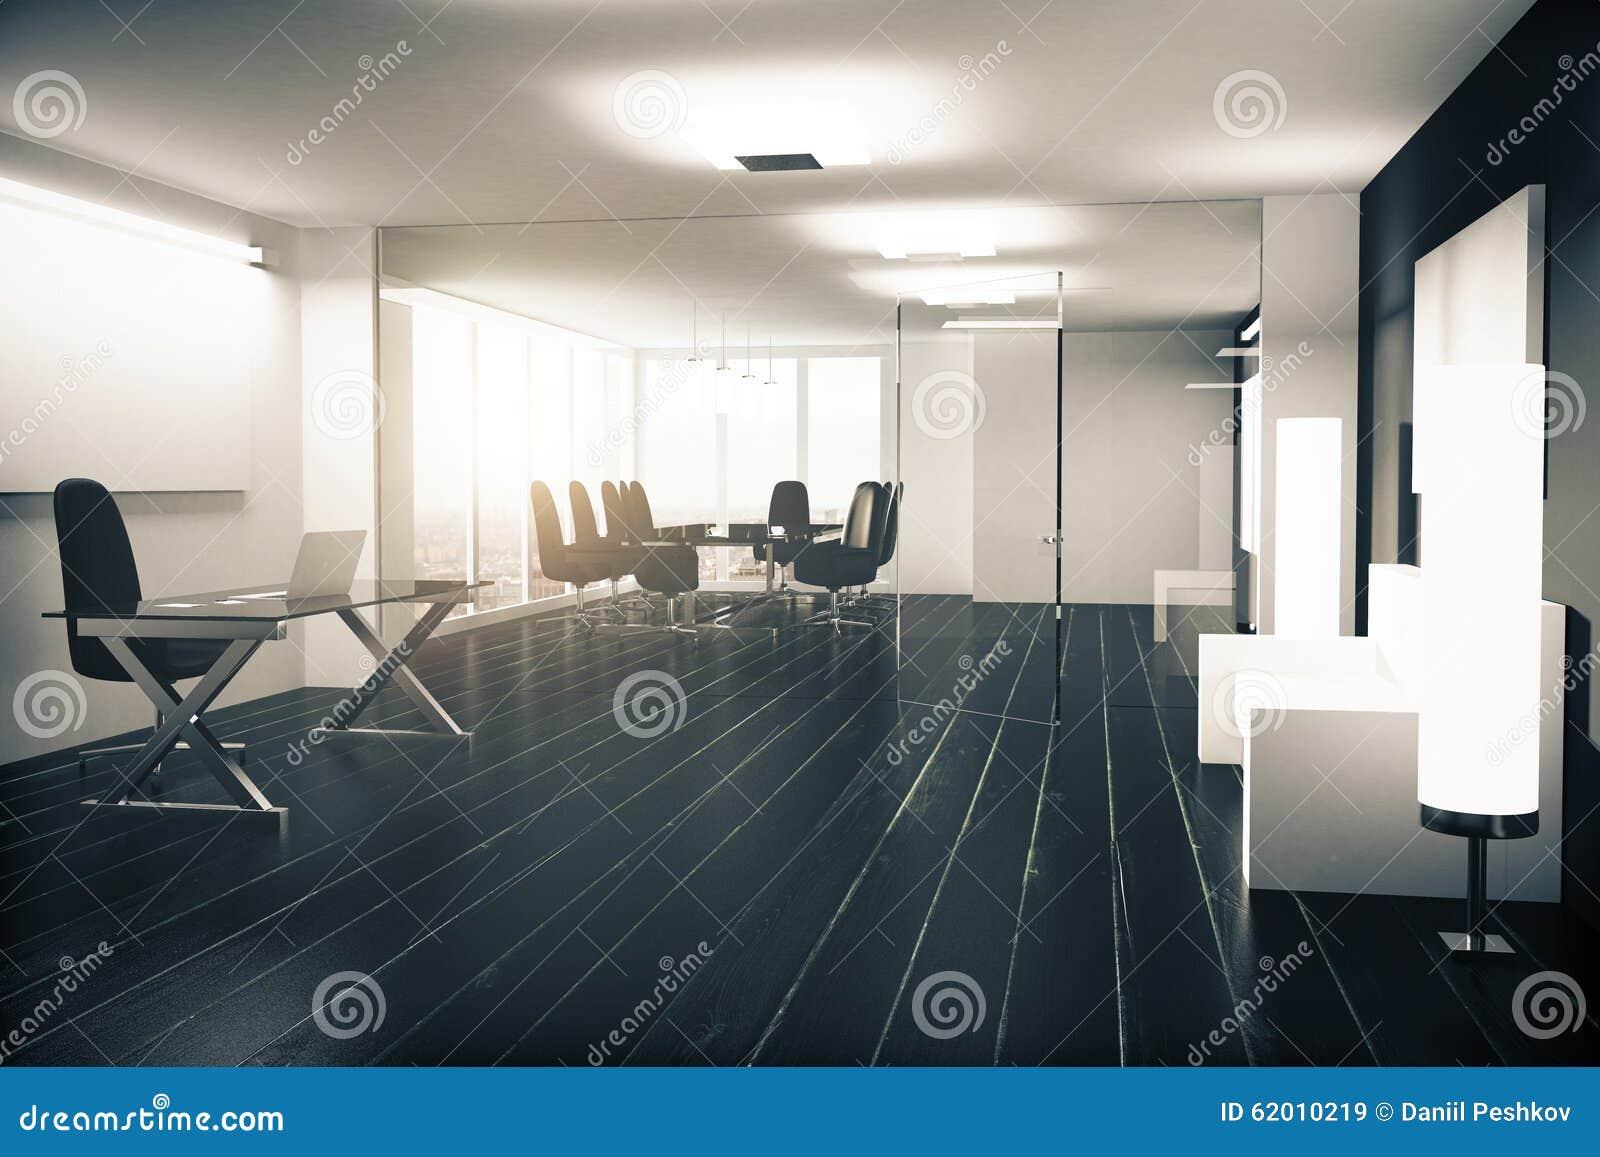 Bureau moderne avec des meubles des murs vitreux et la floride en